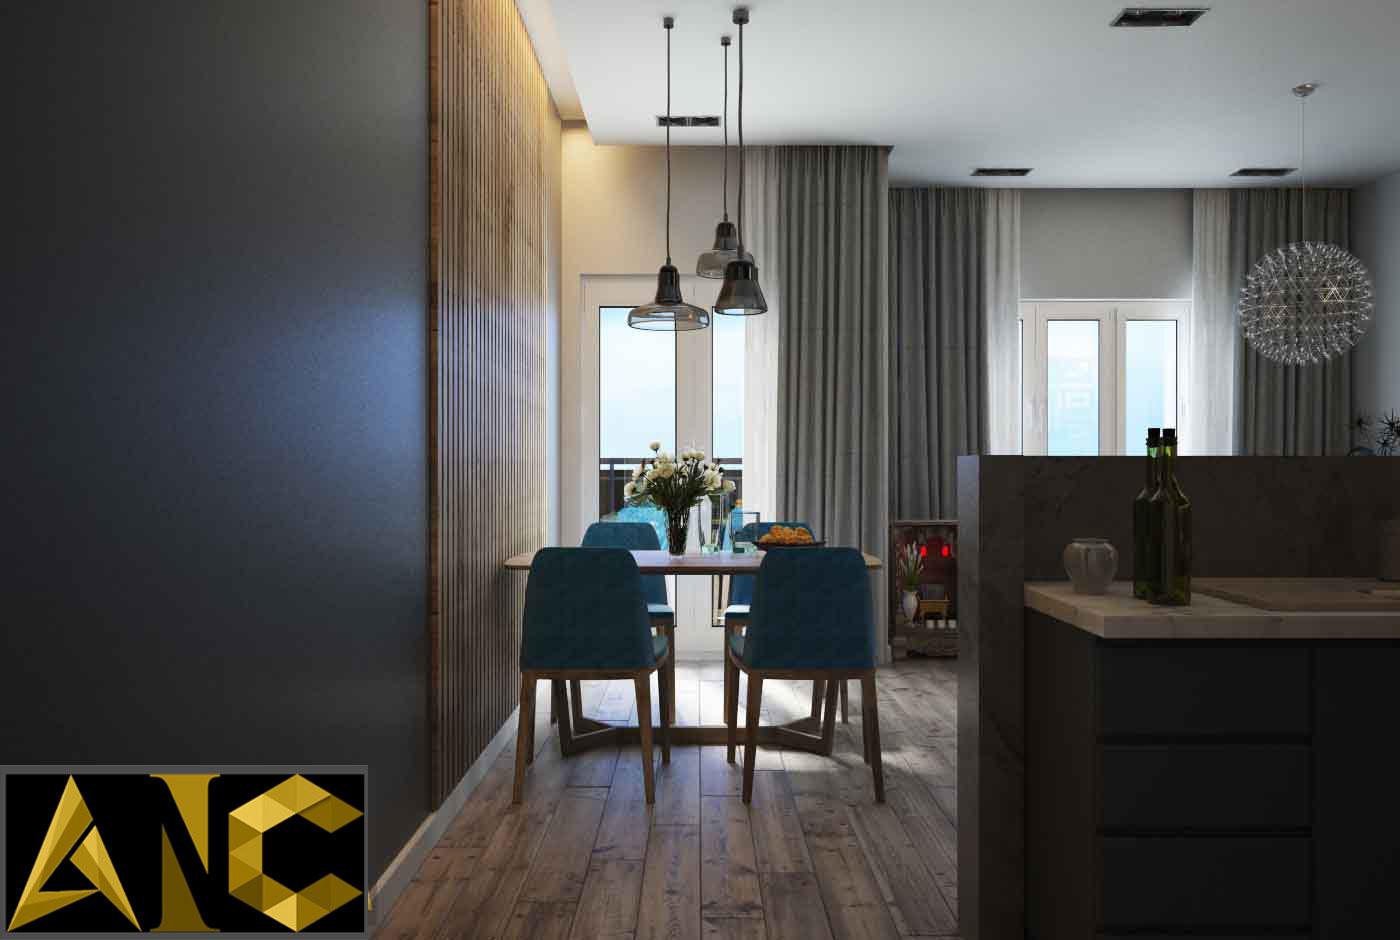 Thiết kế thi công nội thất: Căn hộ Masteri - phòng bếp view 2